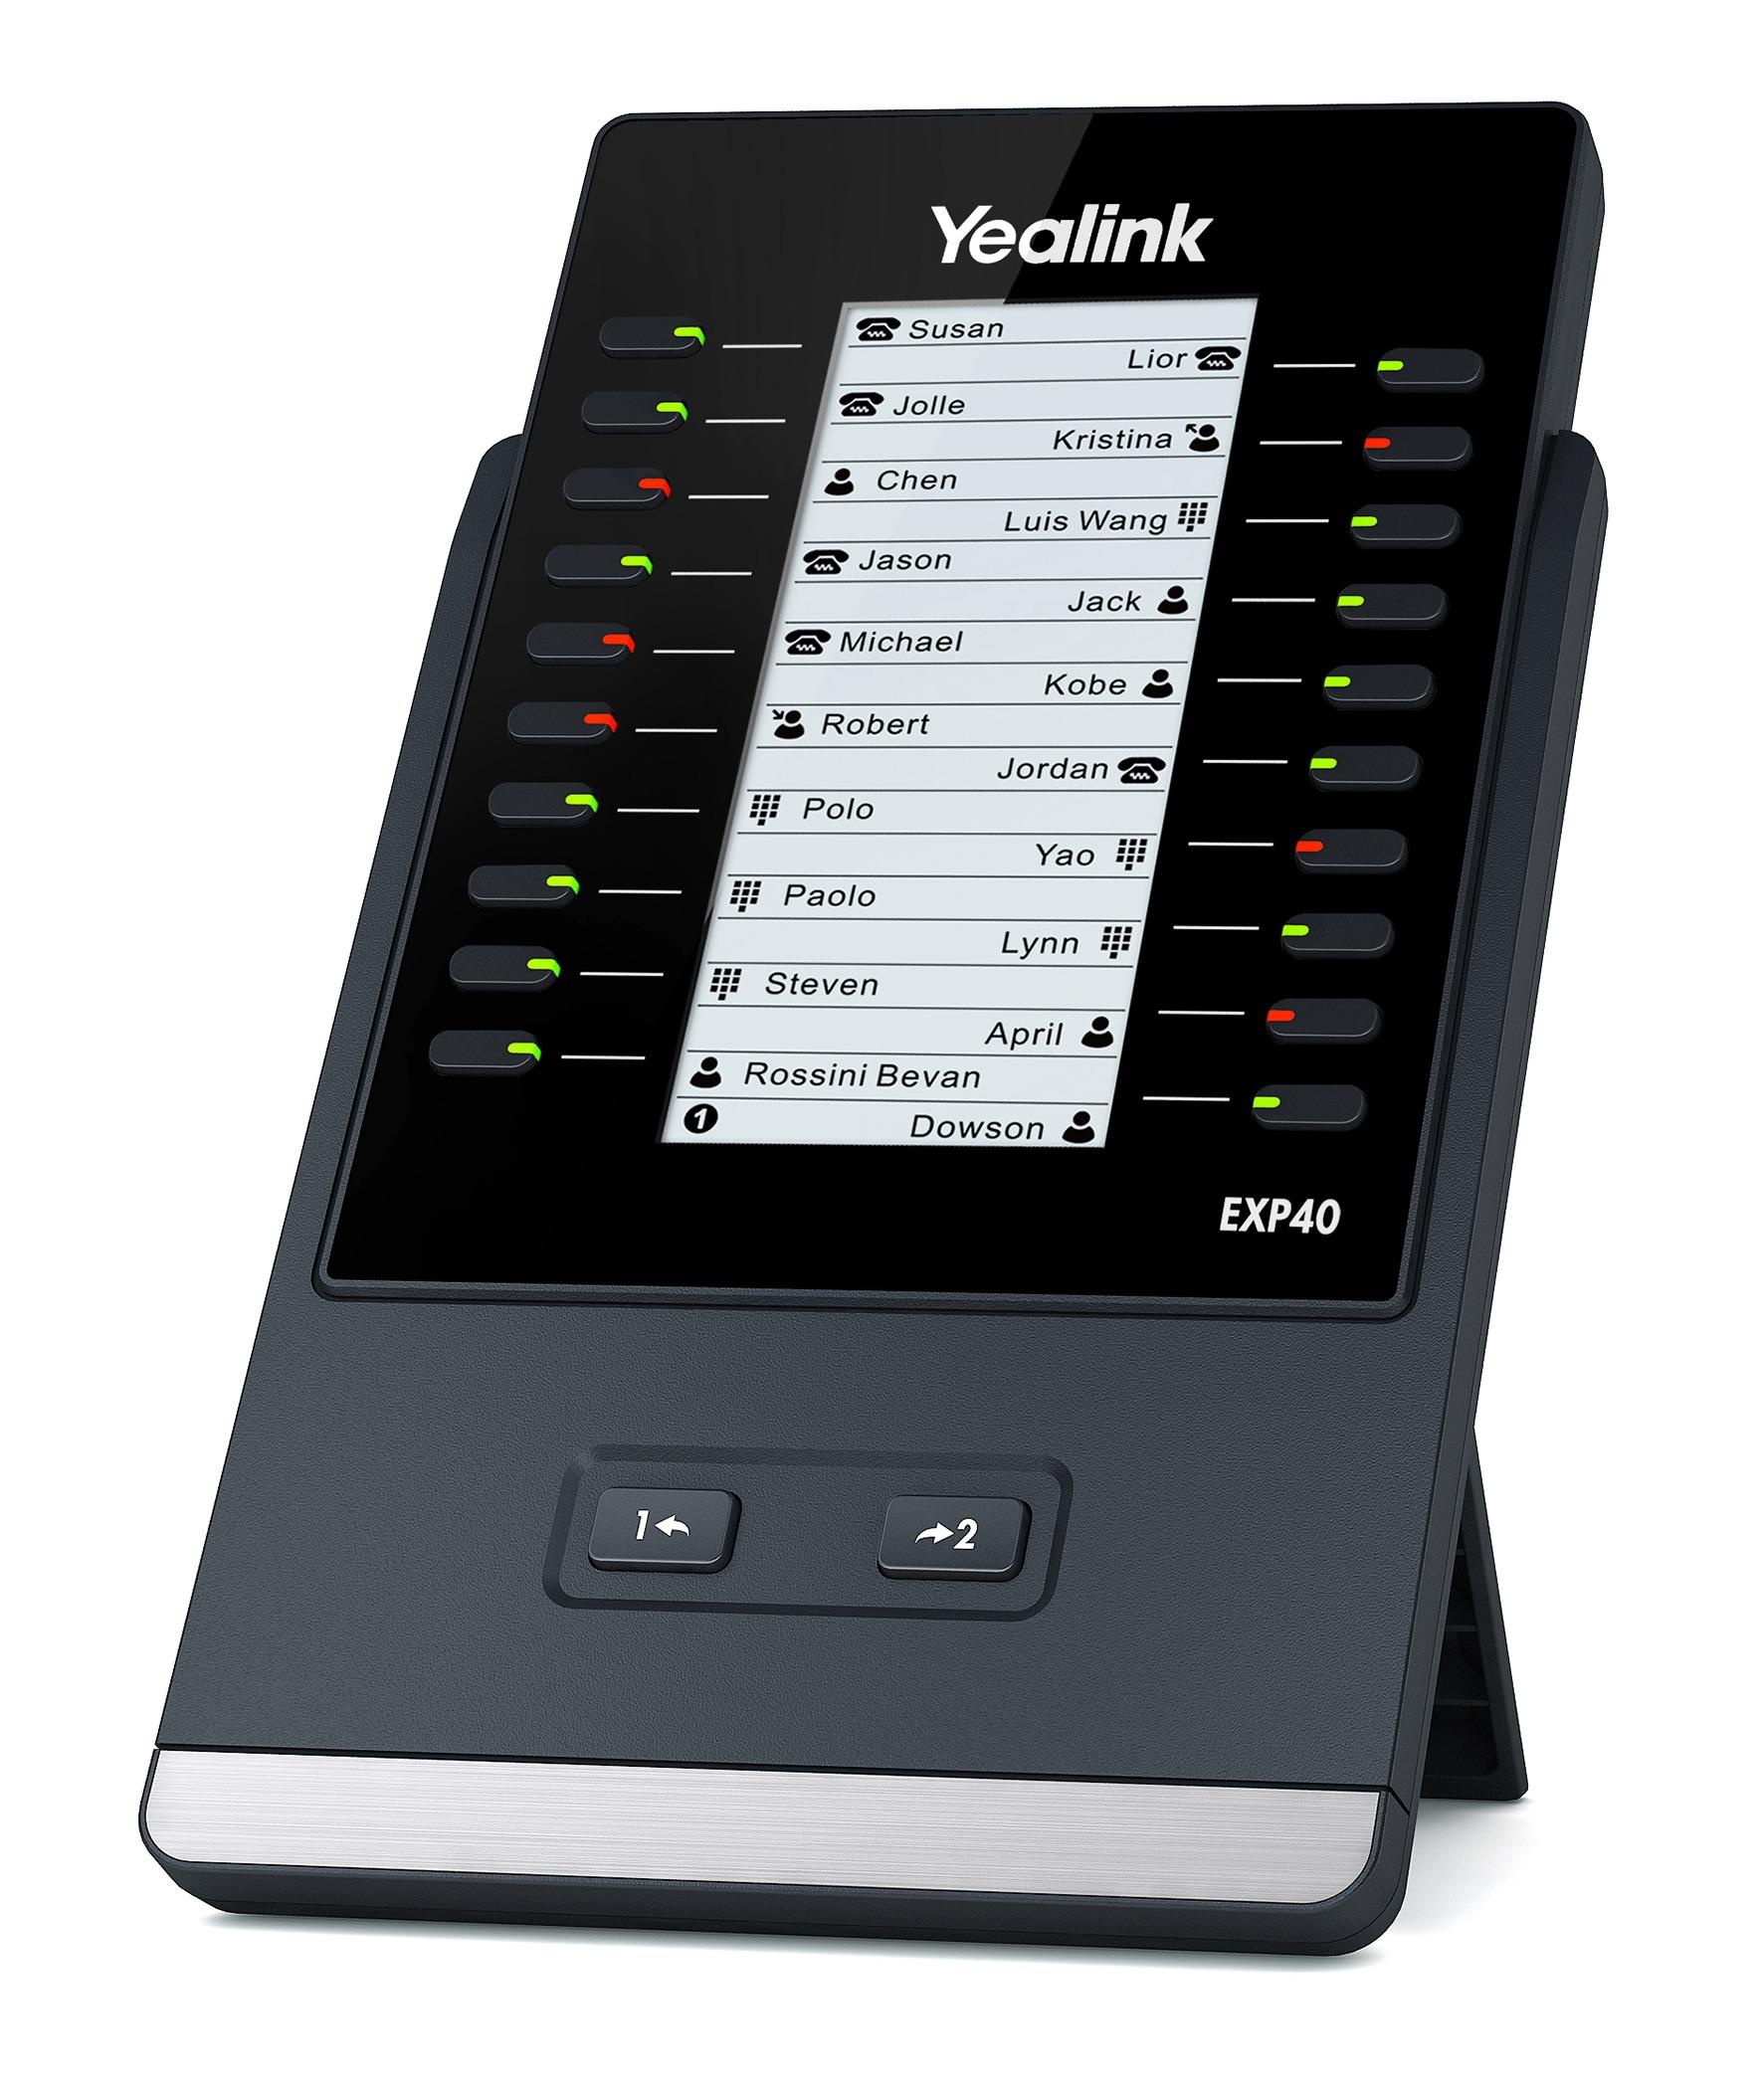 Phone Yealink EXP40 Expansion Module